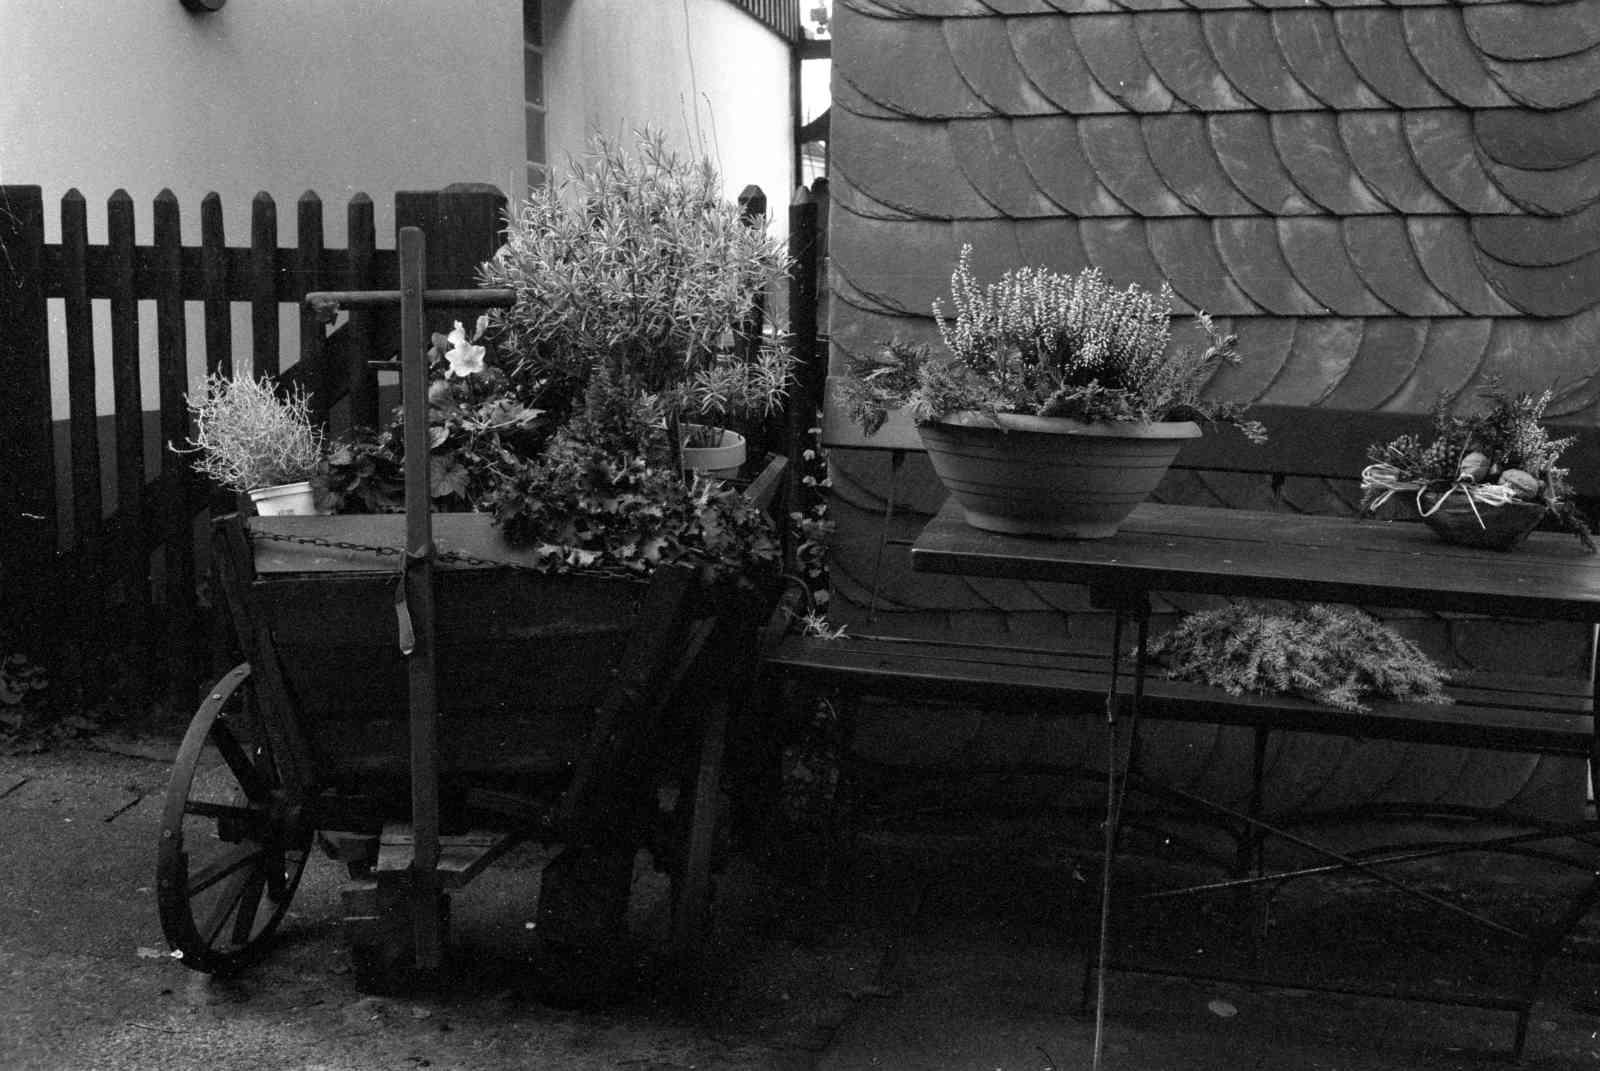 Fotowalk in Cronenberg - Blömkes